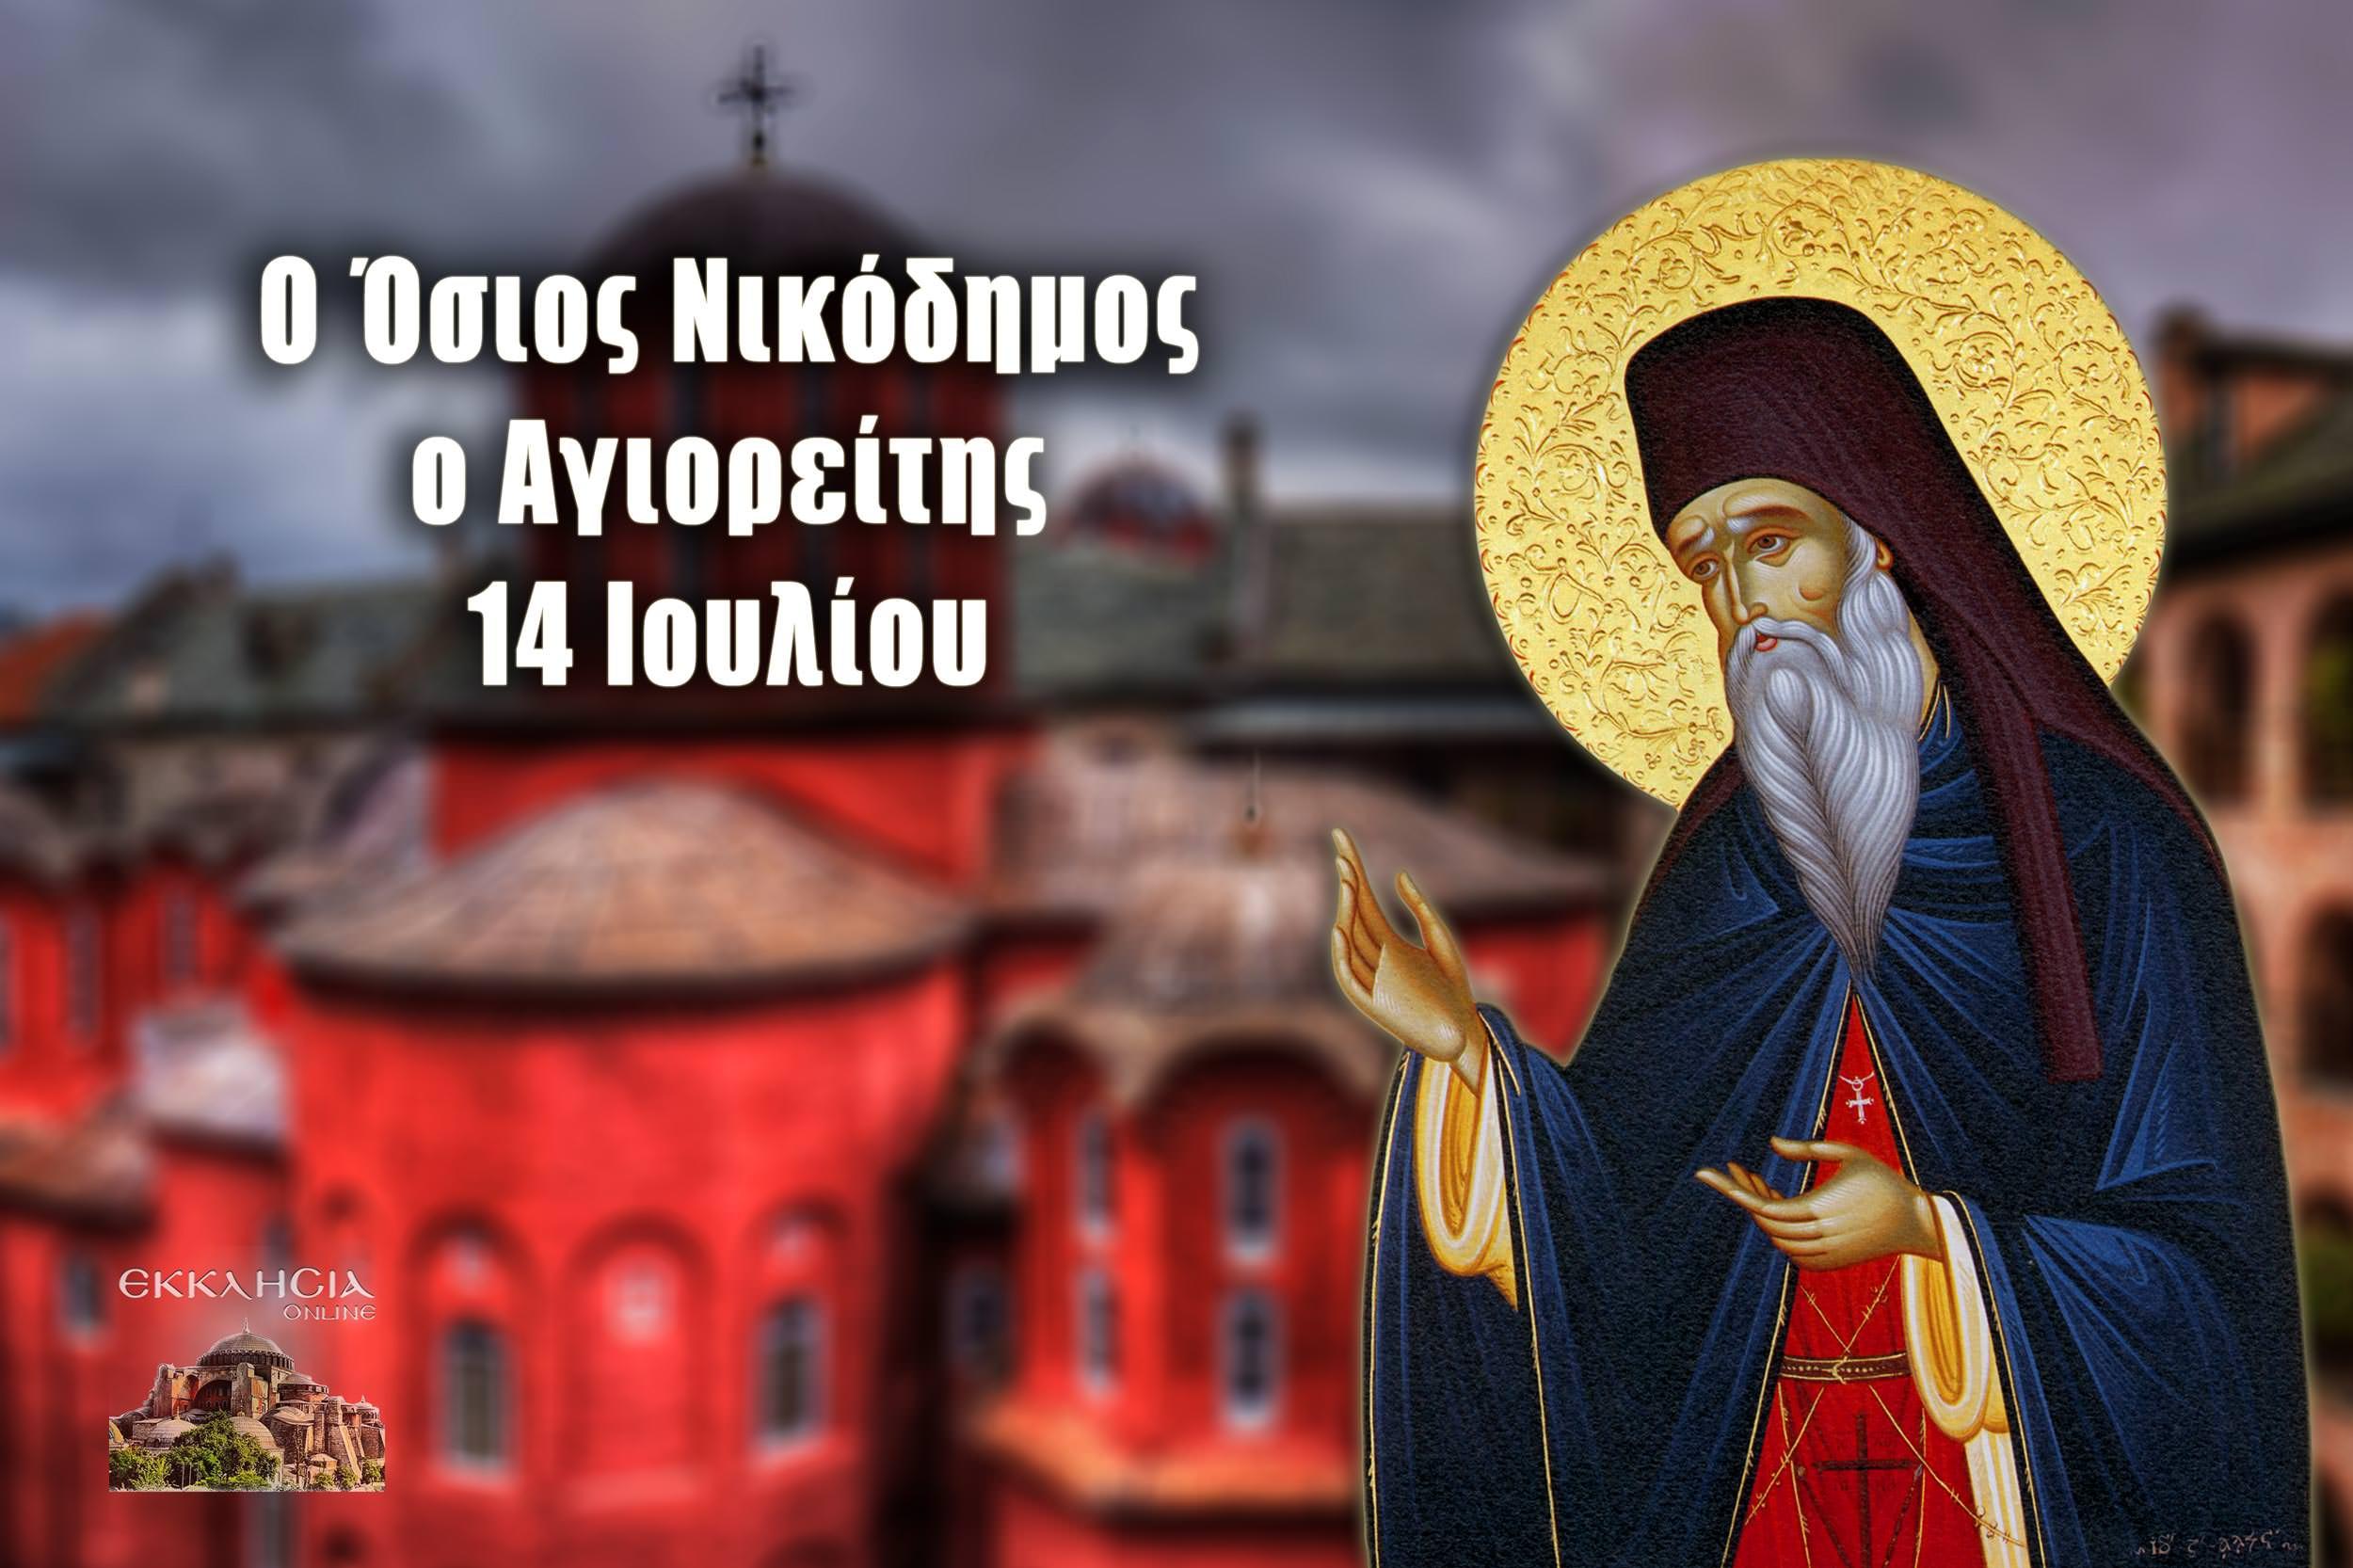 Όσιος Νικόδημος ο Αγιορείτης 14 Ιουλίου